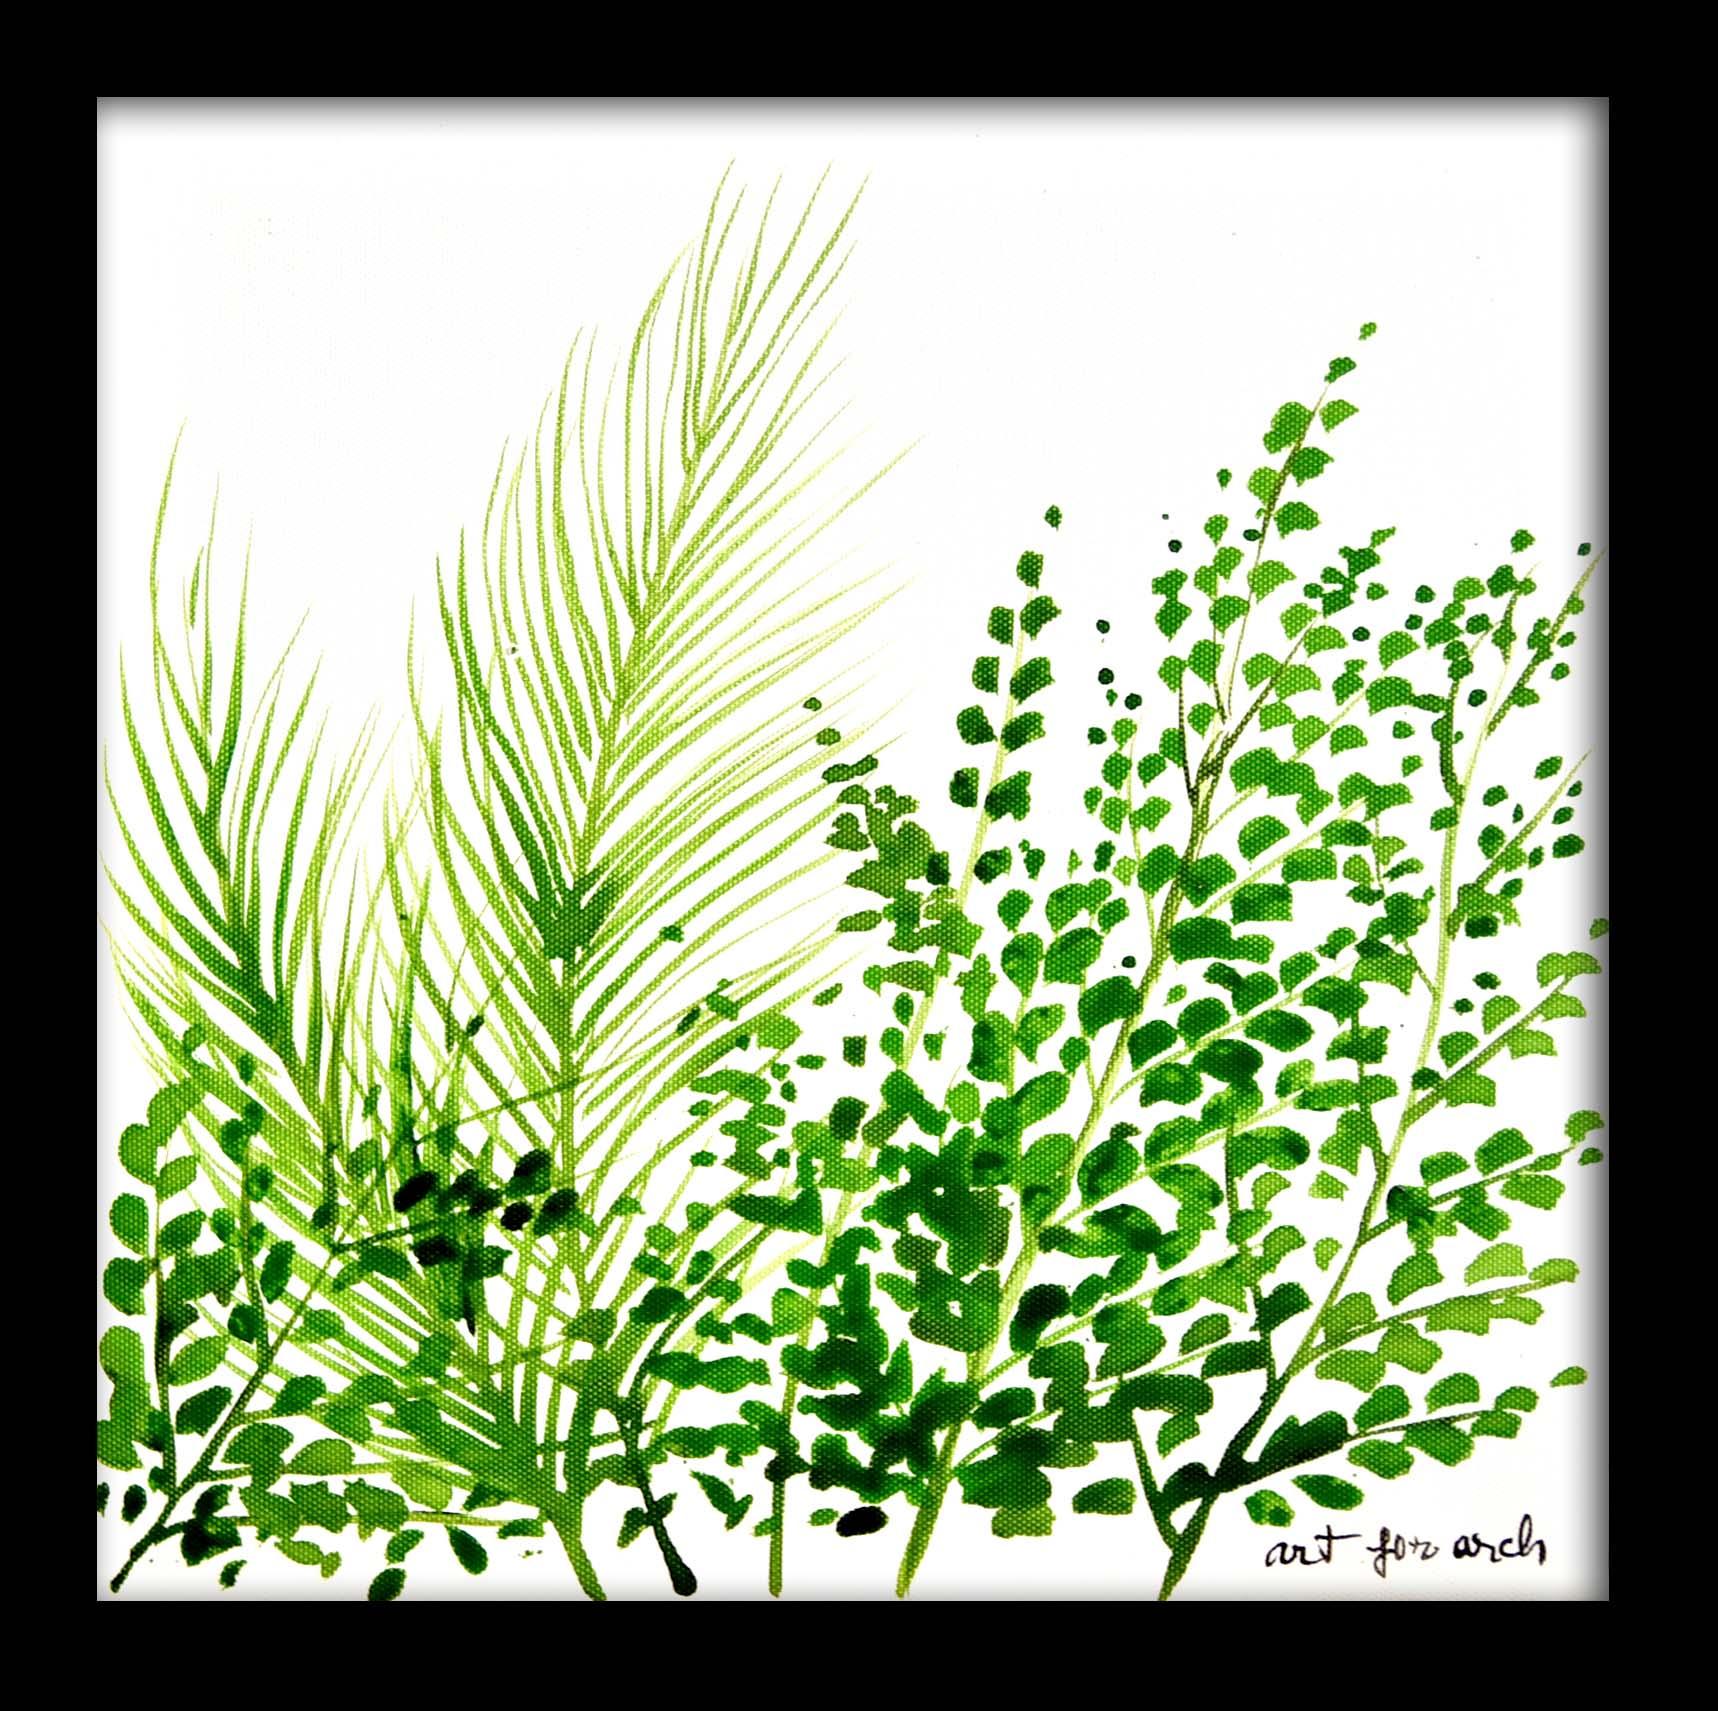 Tranh sơn dầu hoa lá 01